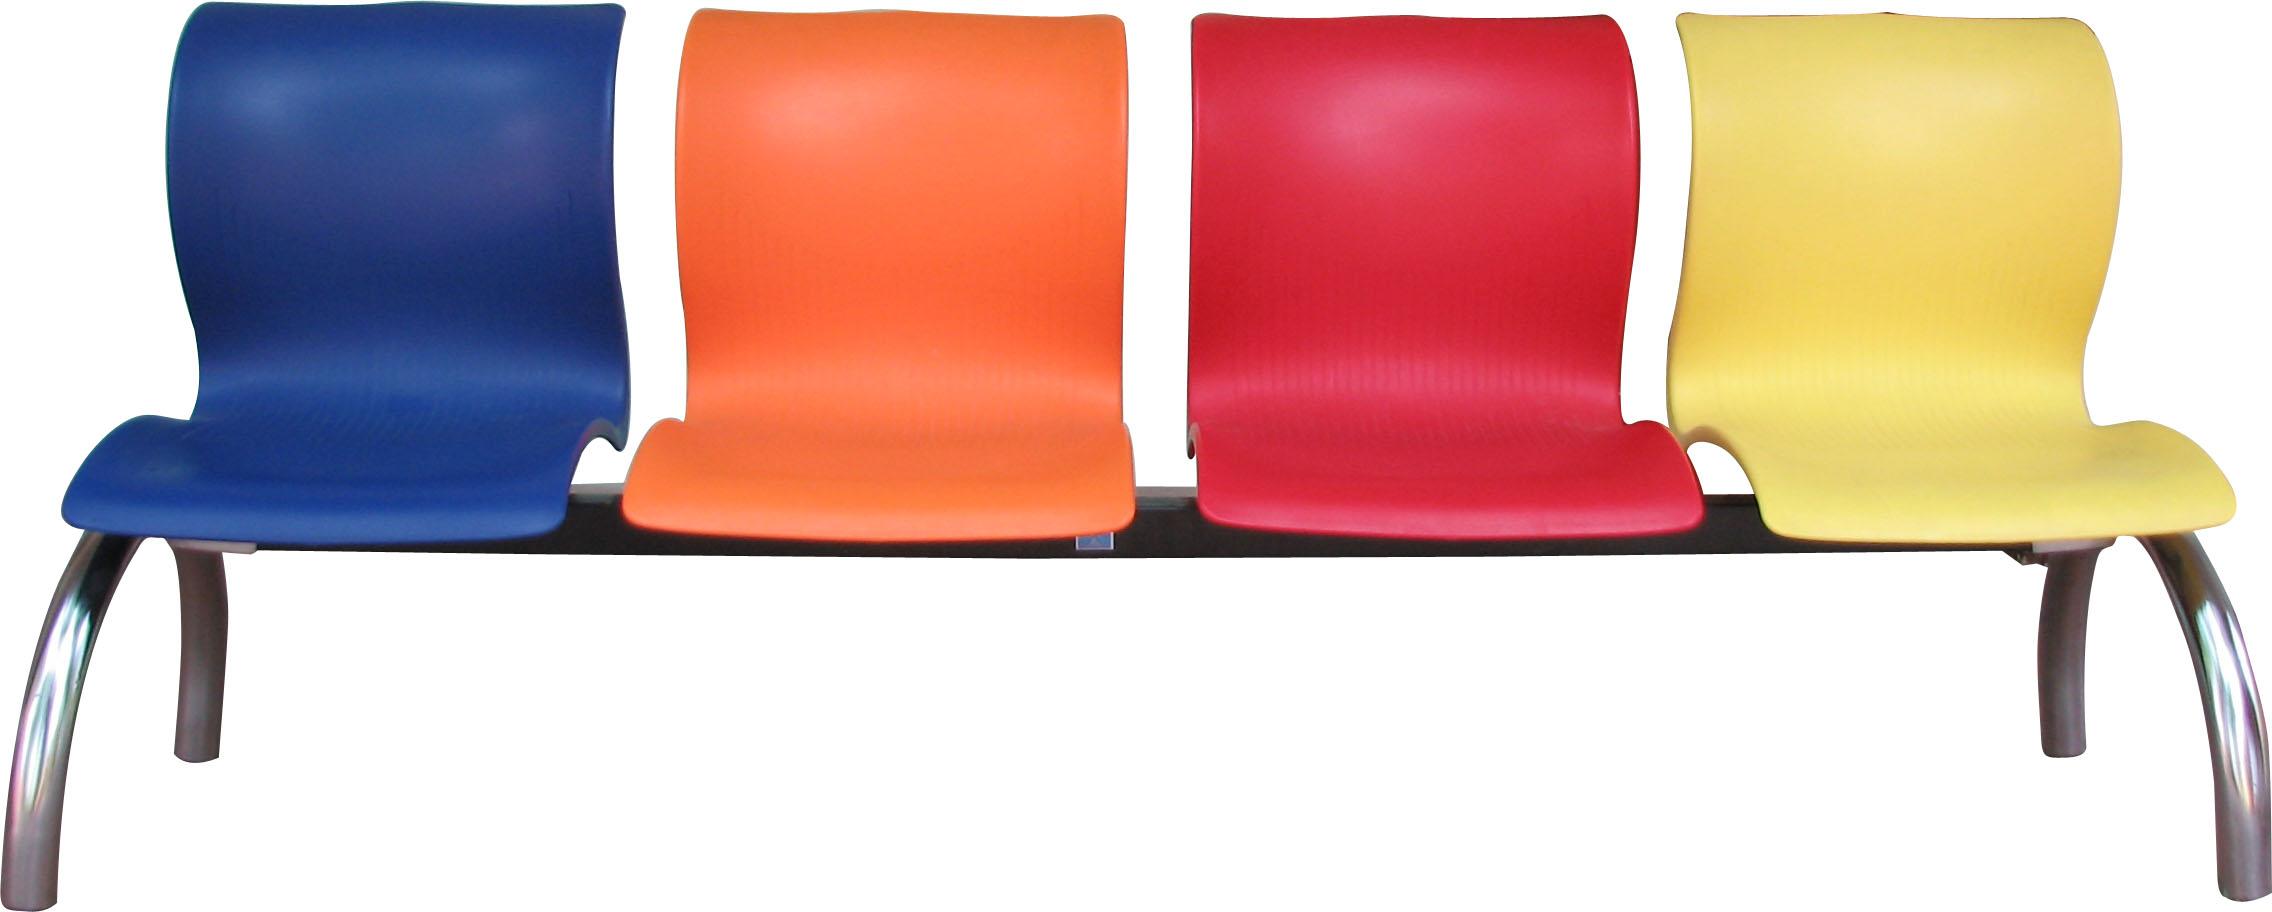 Thiết bị y tế - Inox y tế Ghế ngồi chờ bệnh nhân 4 chỗ